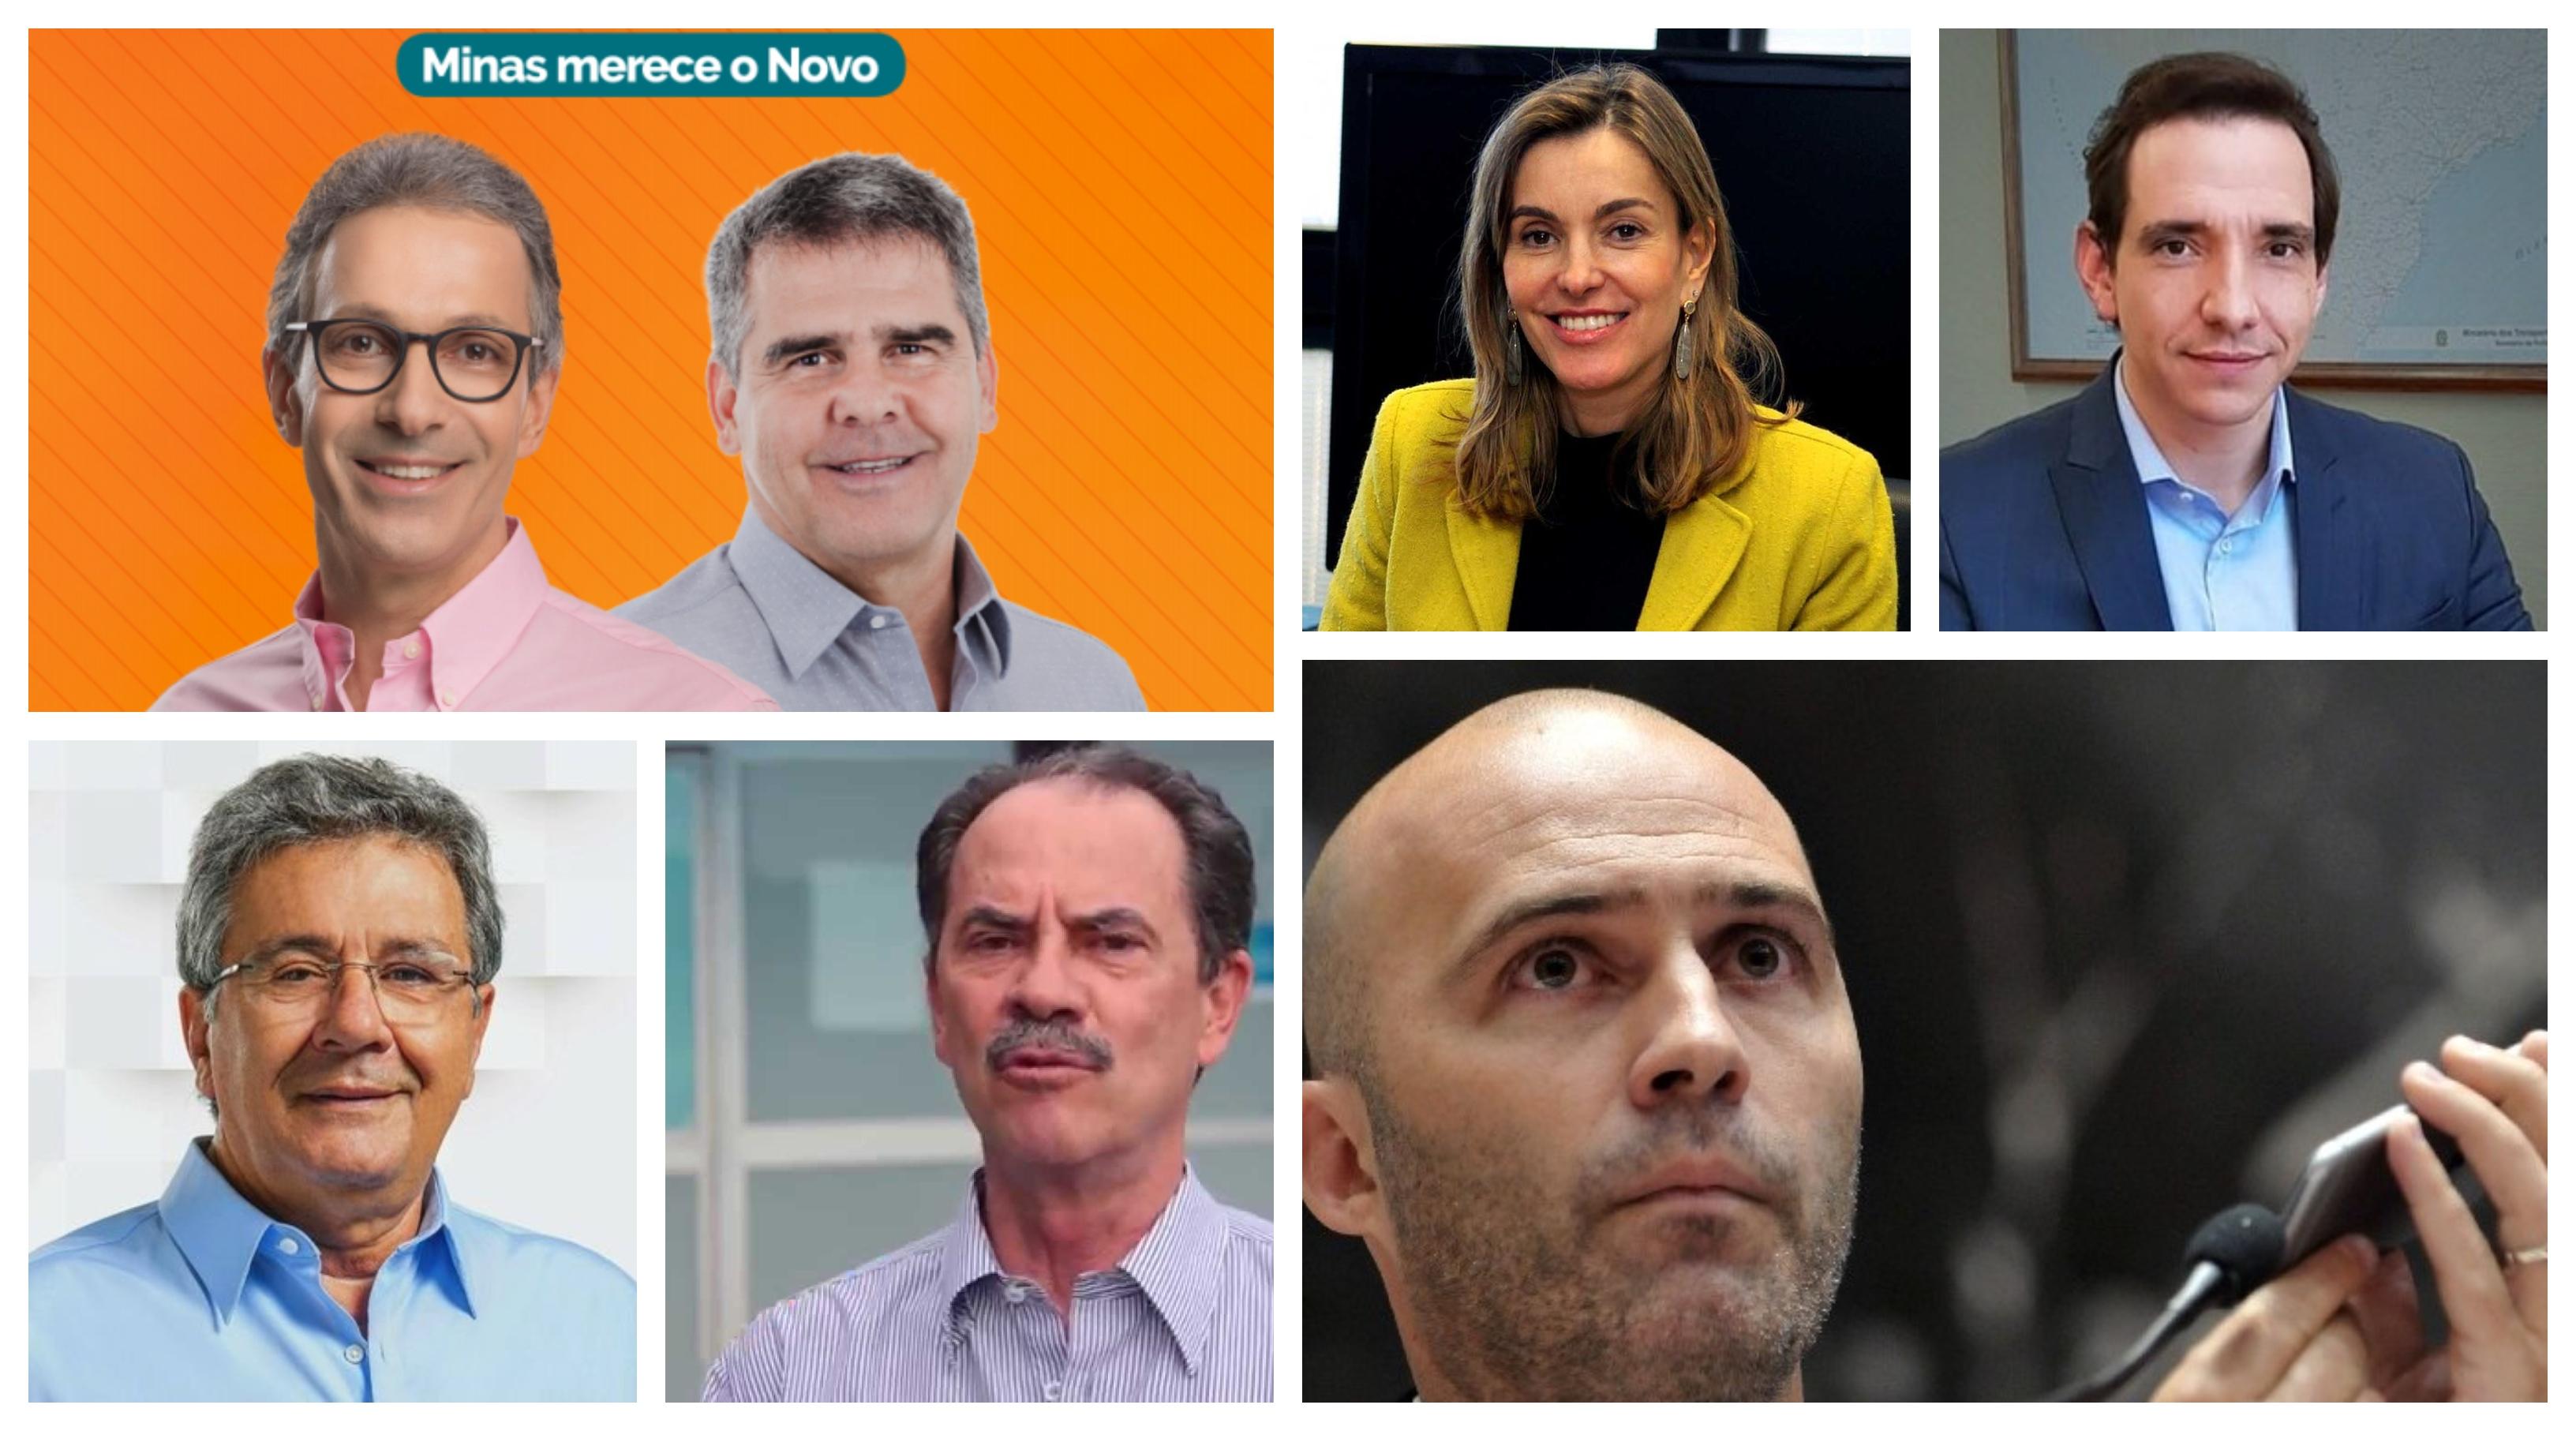 Carone: Secretariado do governo Zema e seus líderes na Assembleia comprovam que o Novo é o novo PSDB mineiro; veja quem são